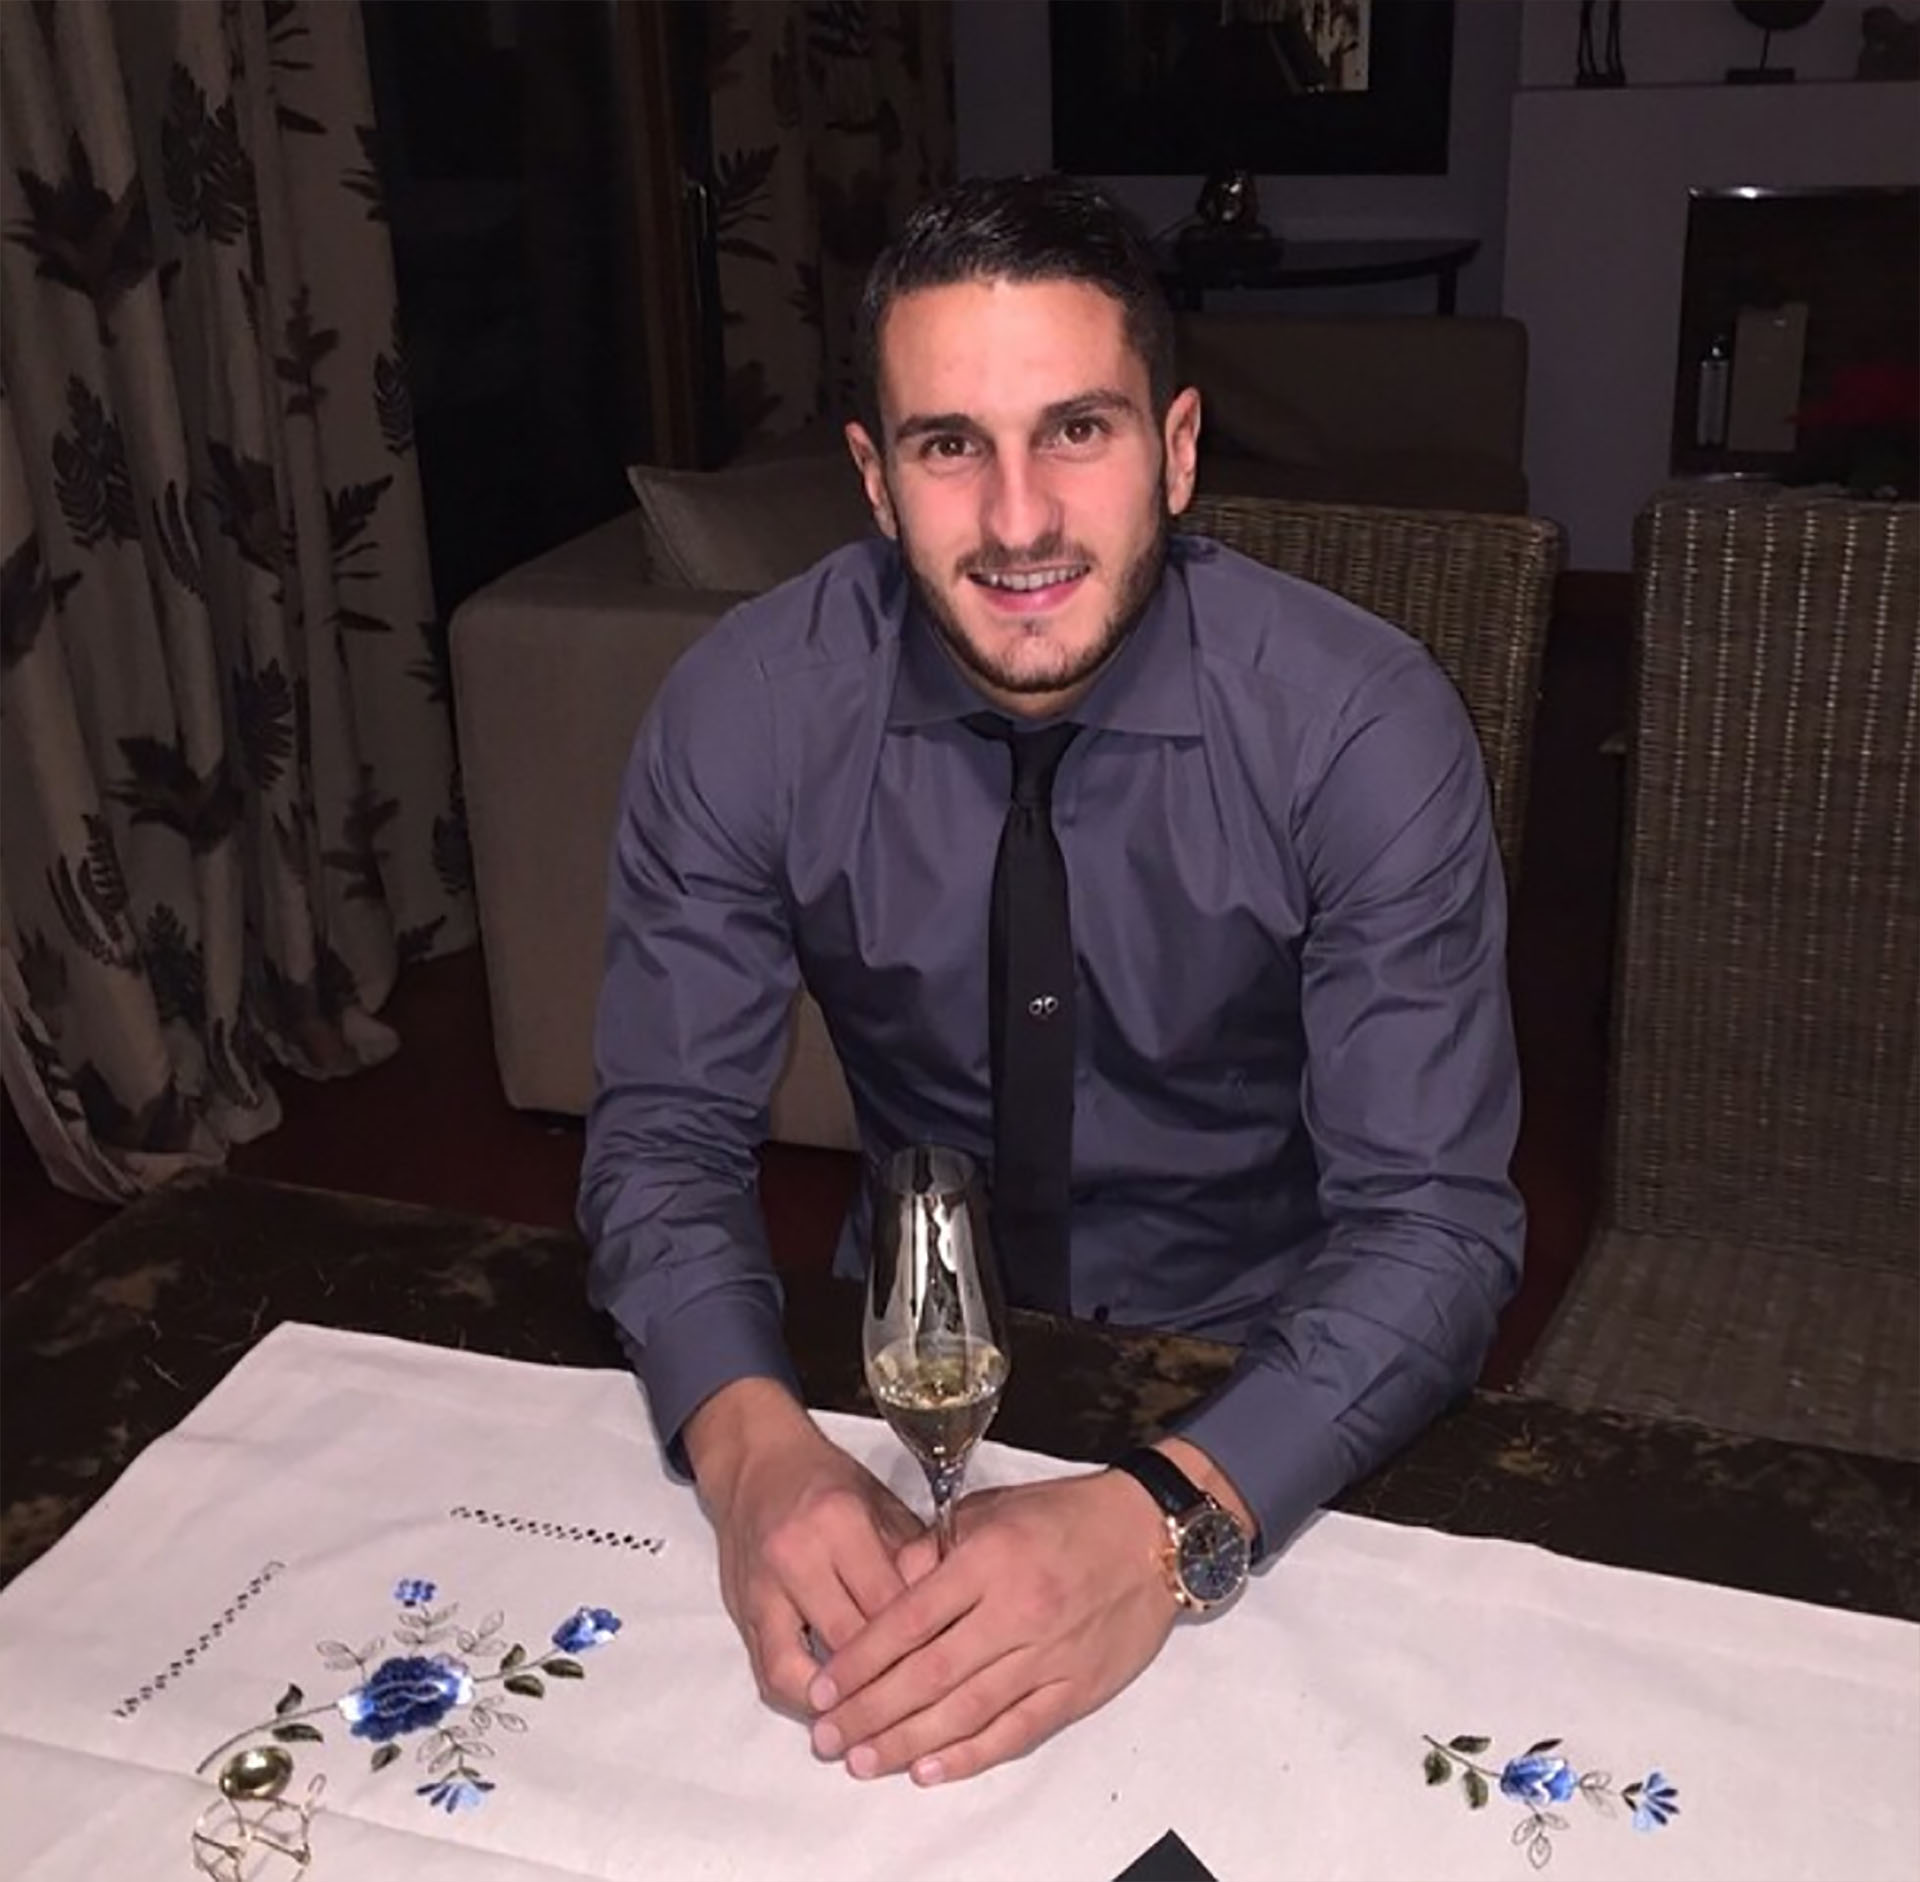 Koke Resurrección, España, 26 años, casado (Instagram)